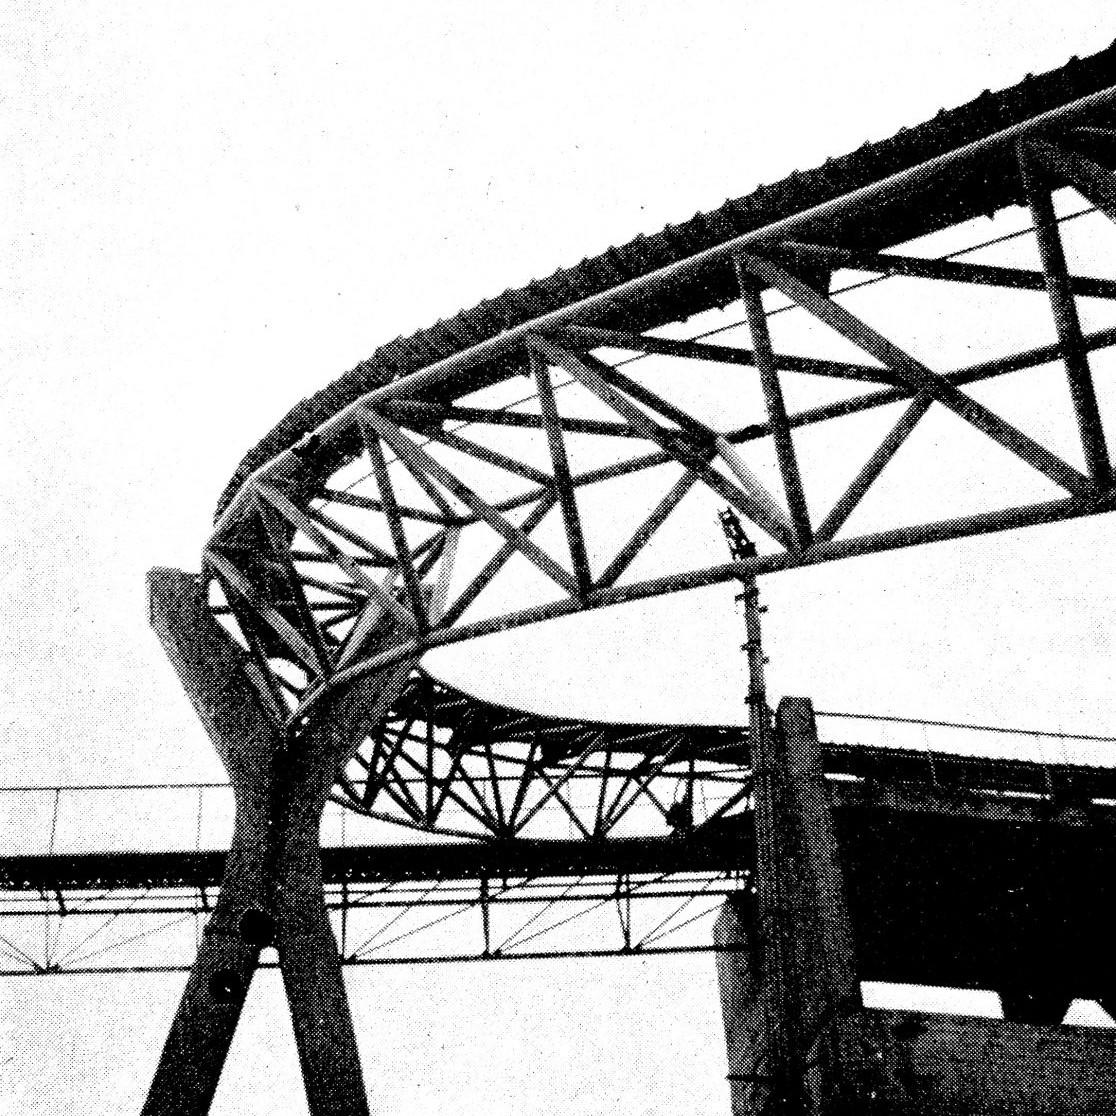 Stefan Polónyi: Faltenbandsystem im Schotterwerk Risse, Warstein/Westfalen - Foto: Bauwelt, 1961